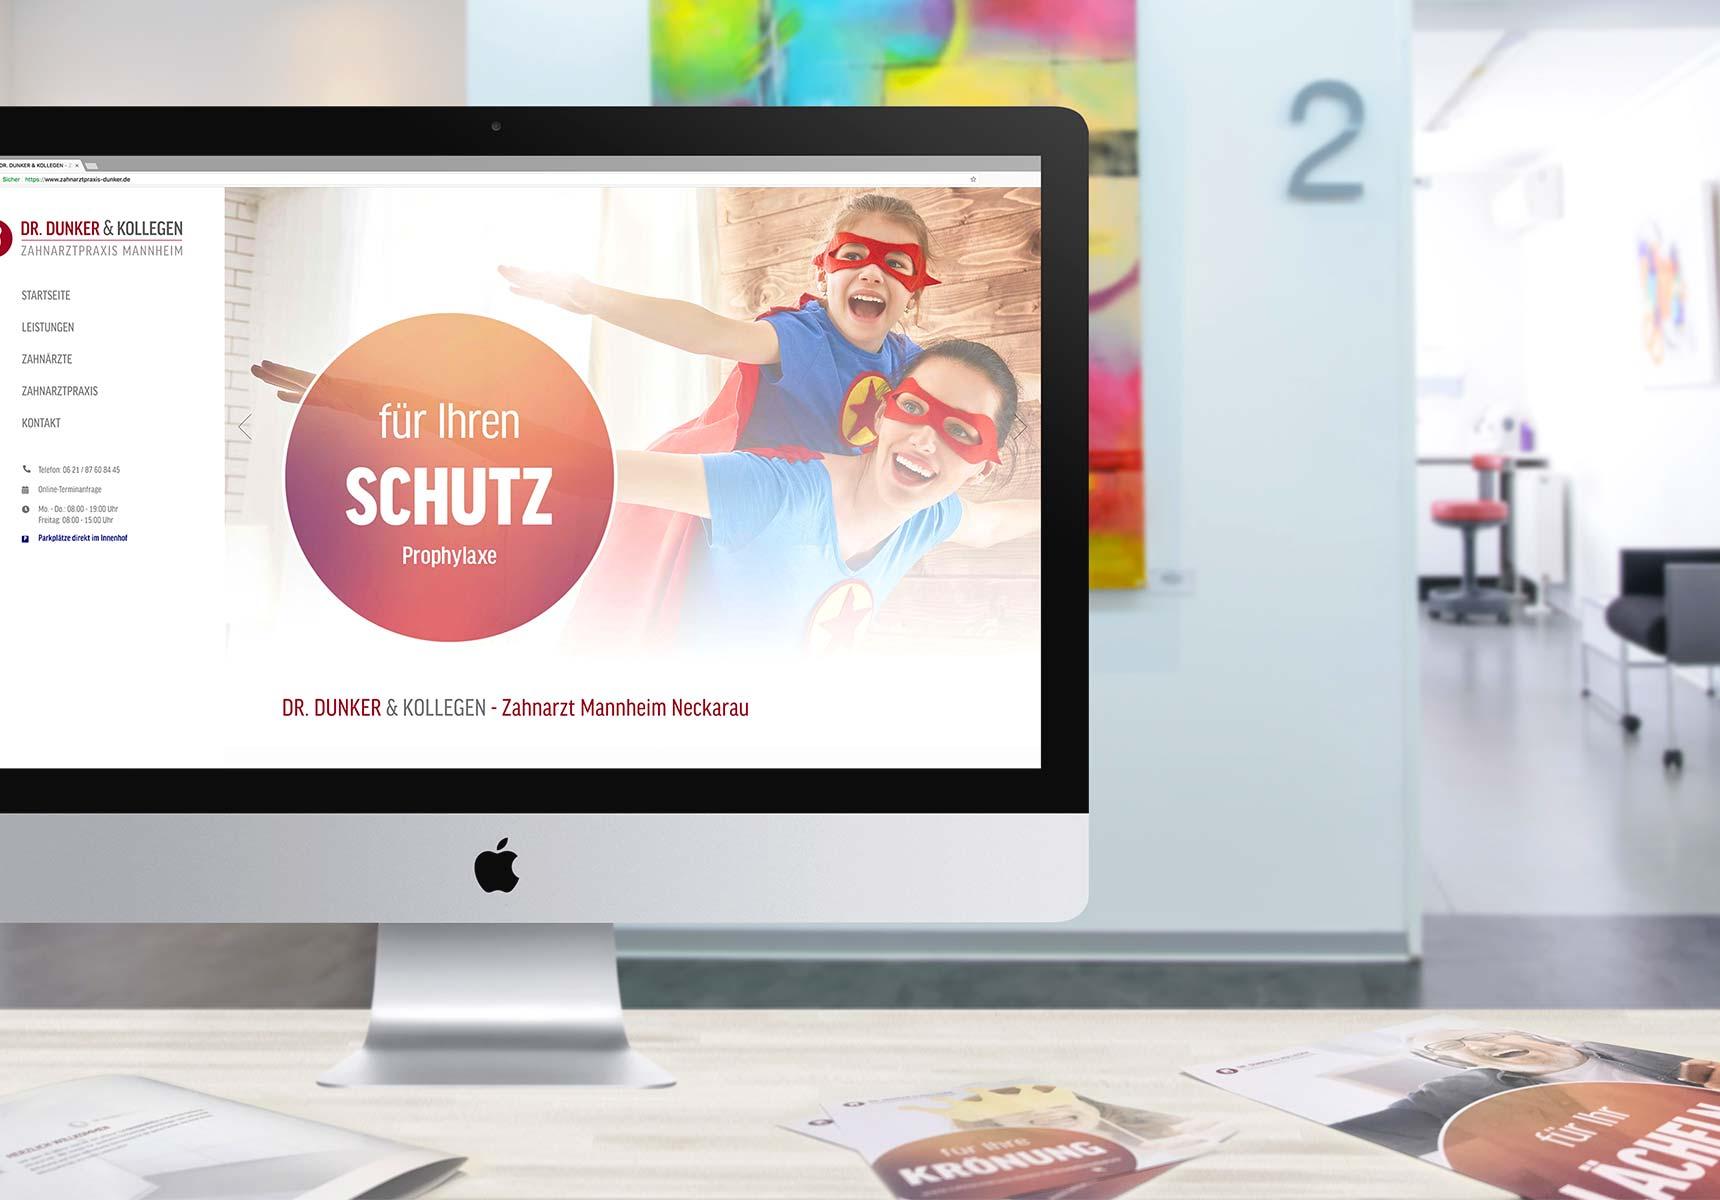 lr praxismarketing dunker und kollegen zahnarzt webdesign - Langenstein & Reichenthaler - Agentur für Praxismarketing